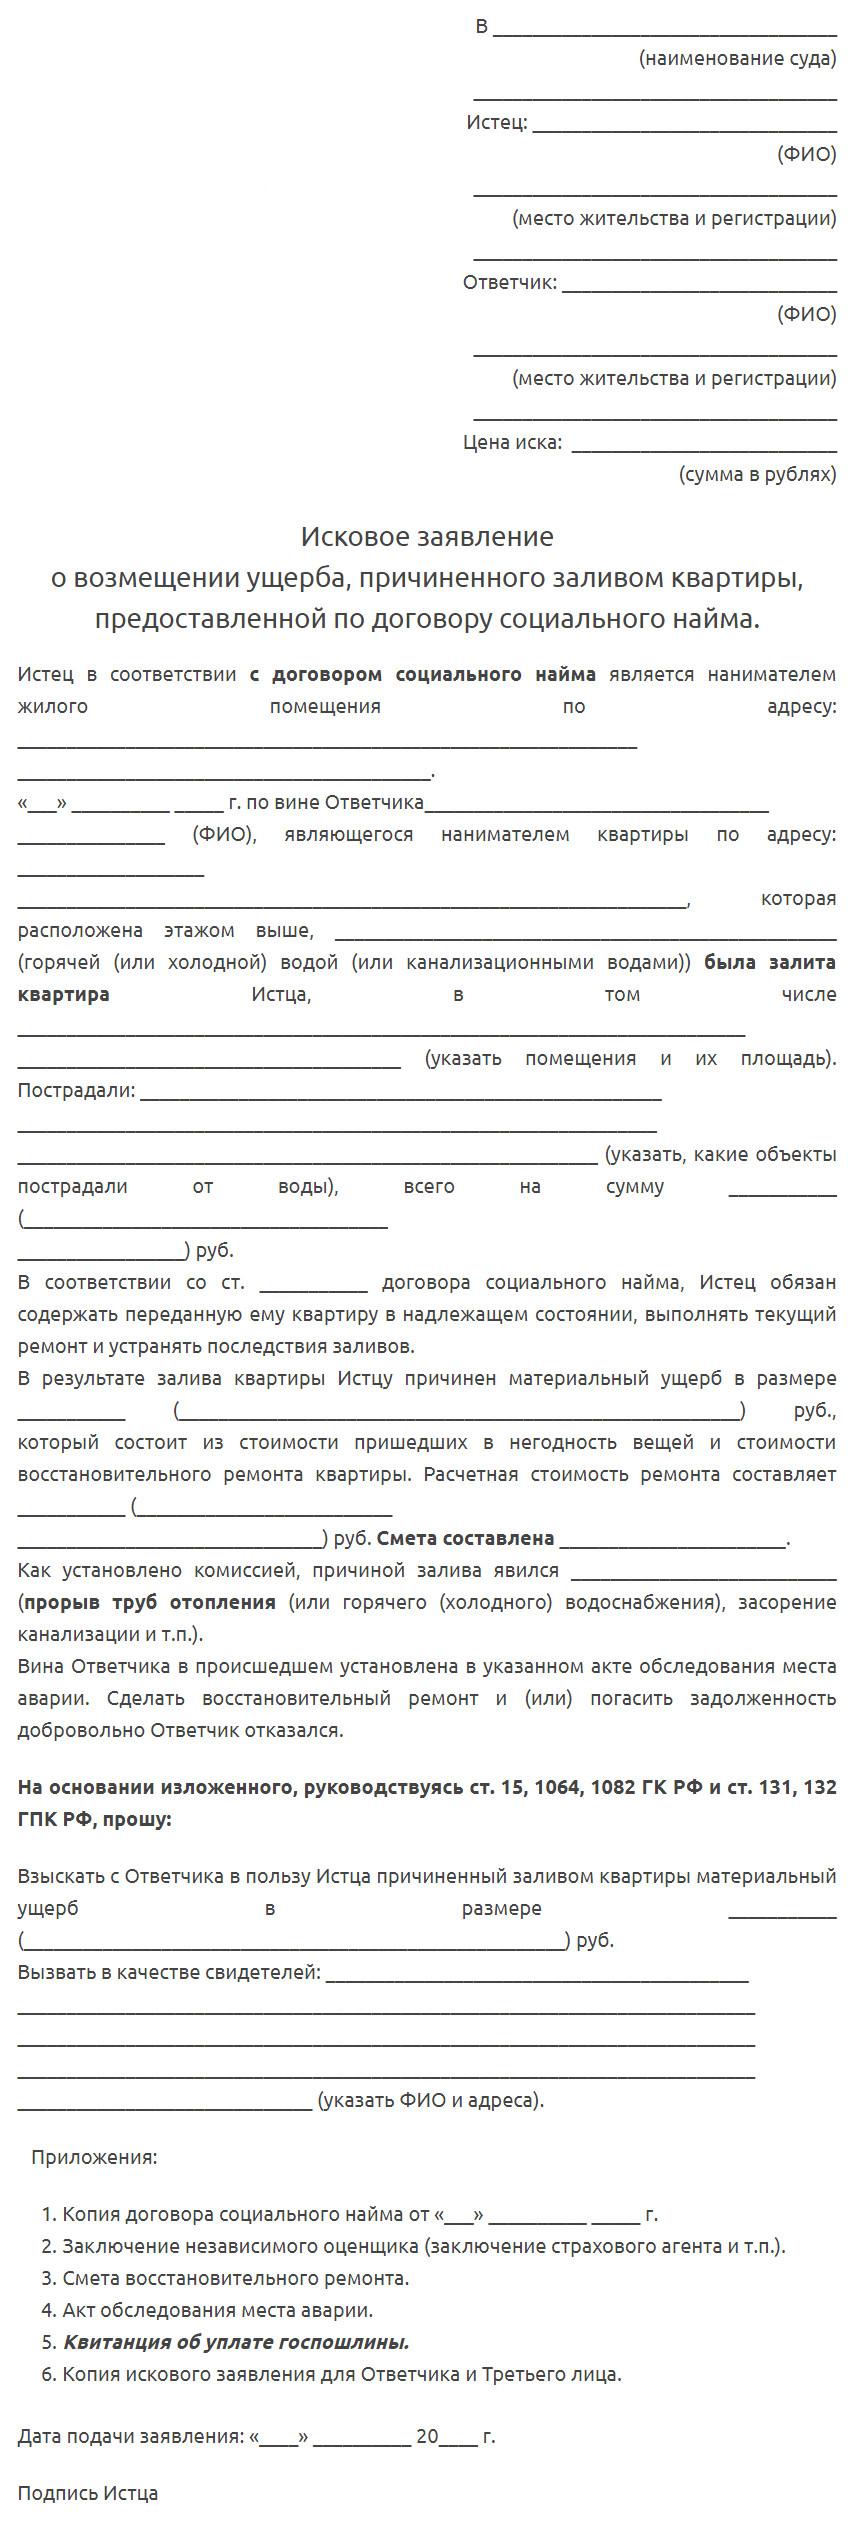 blank-iskovogo-zayavleniya-v-sud-o-zalive-kvartiry-2